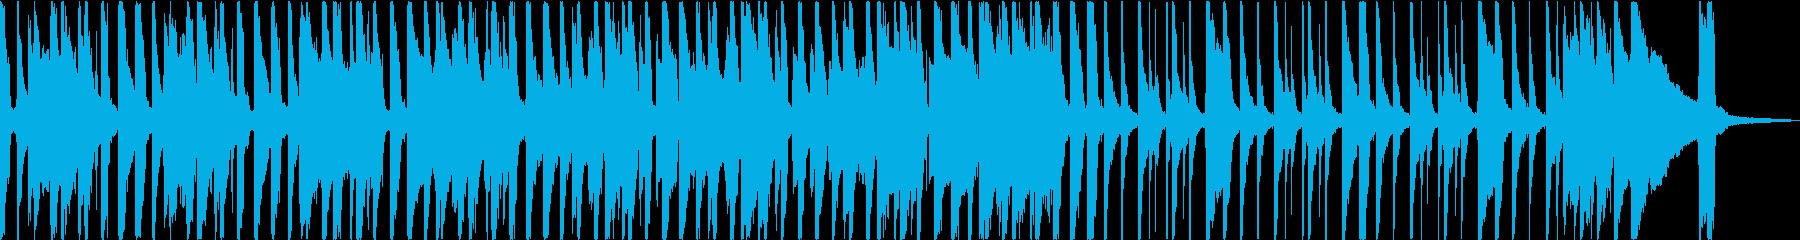 のんびり、明るく陽気なブルースBGMの再生済みの波形